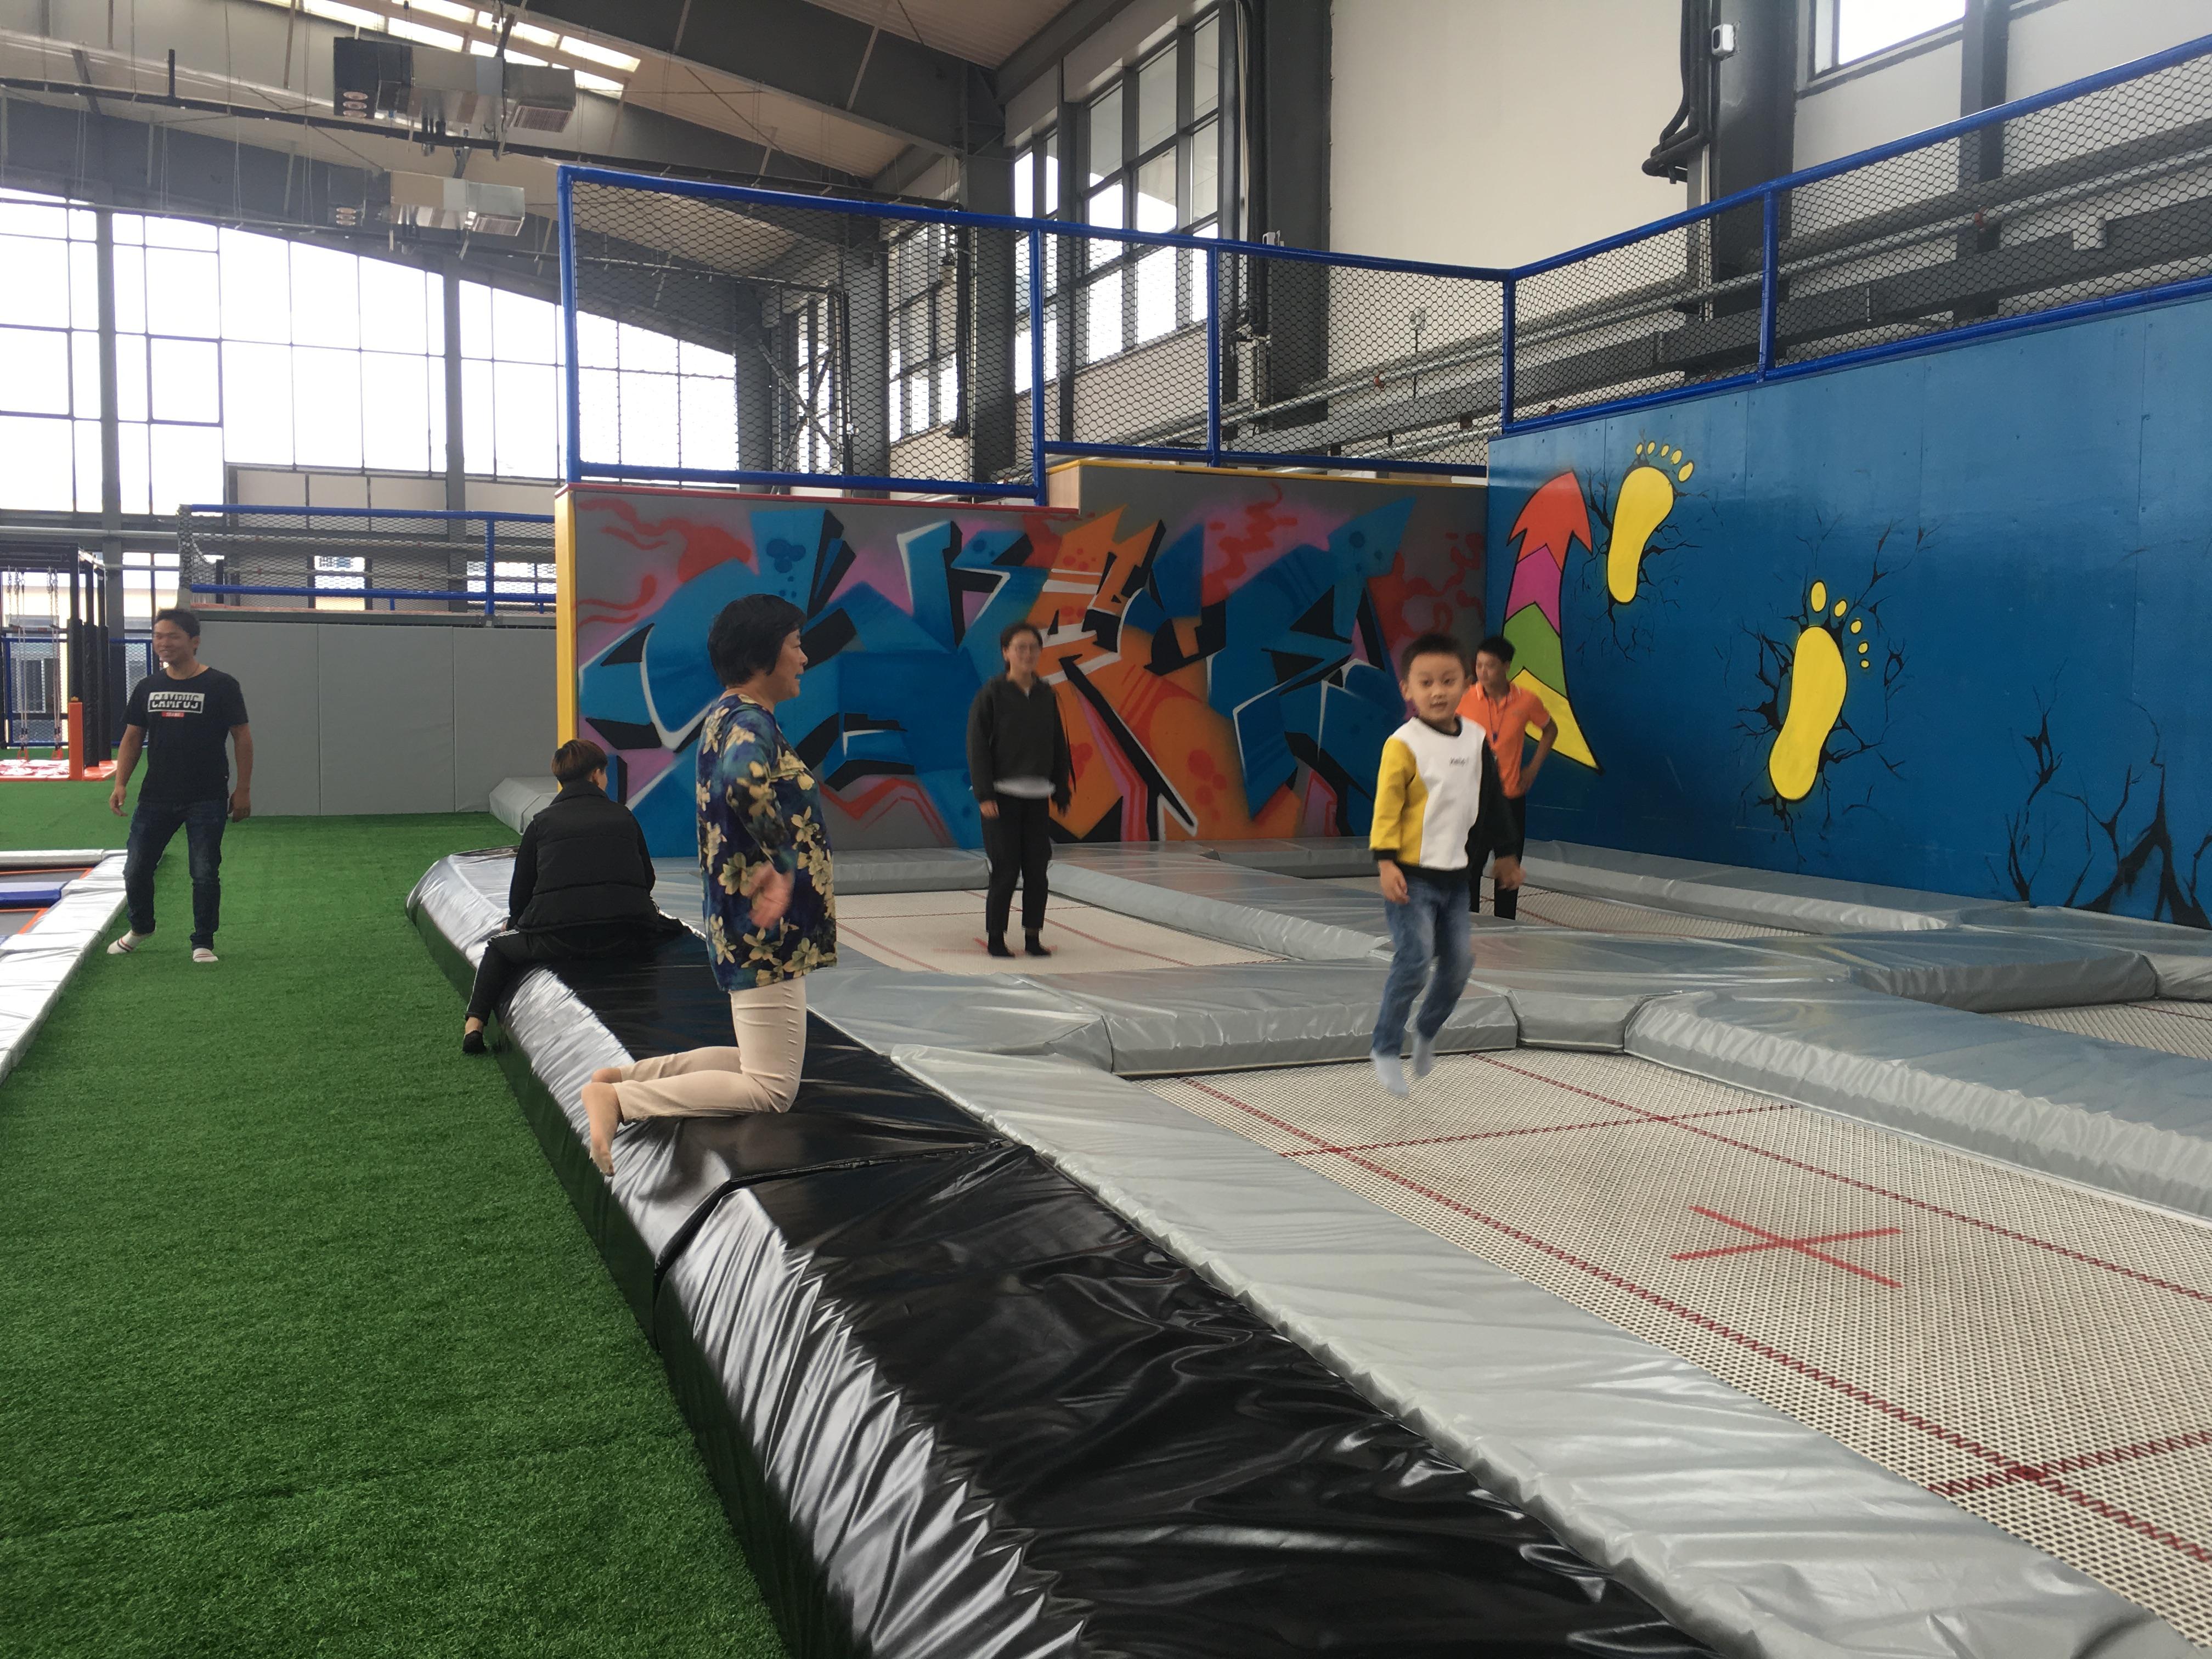 口袋屋盐城室内大型蹦床乐园-1500平, 室内蹦床公园